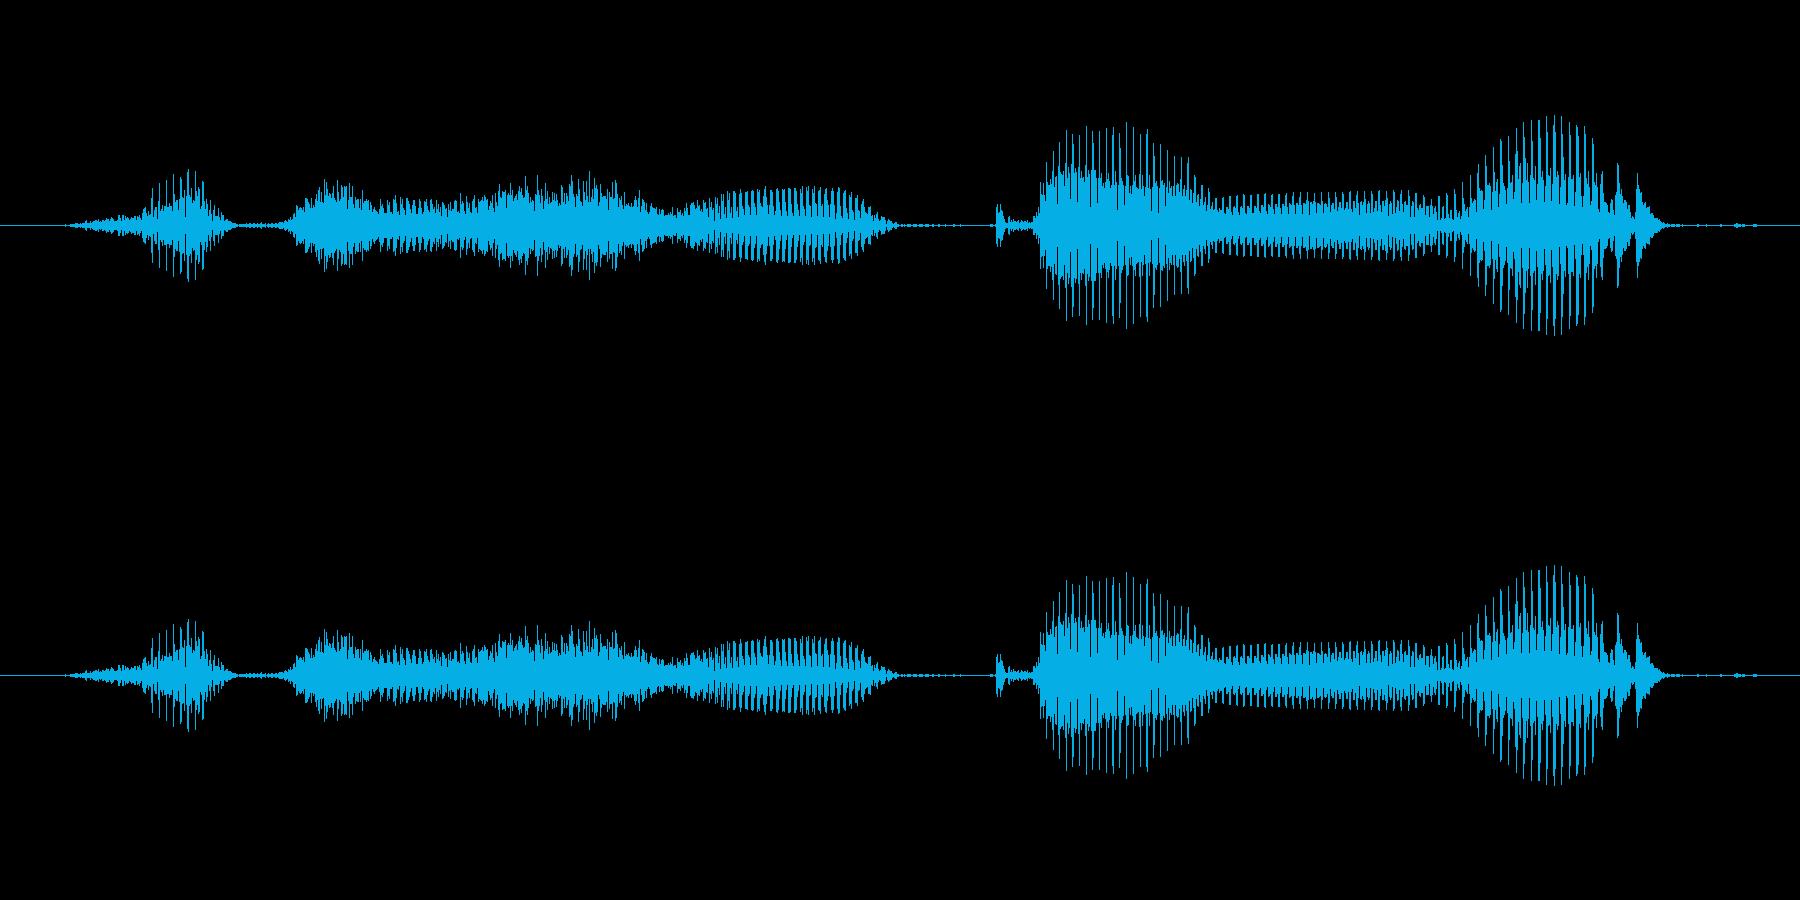 【日数・後】8週間後 (はち)の再生済みの波形